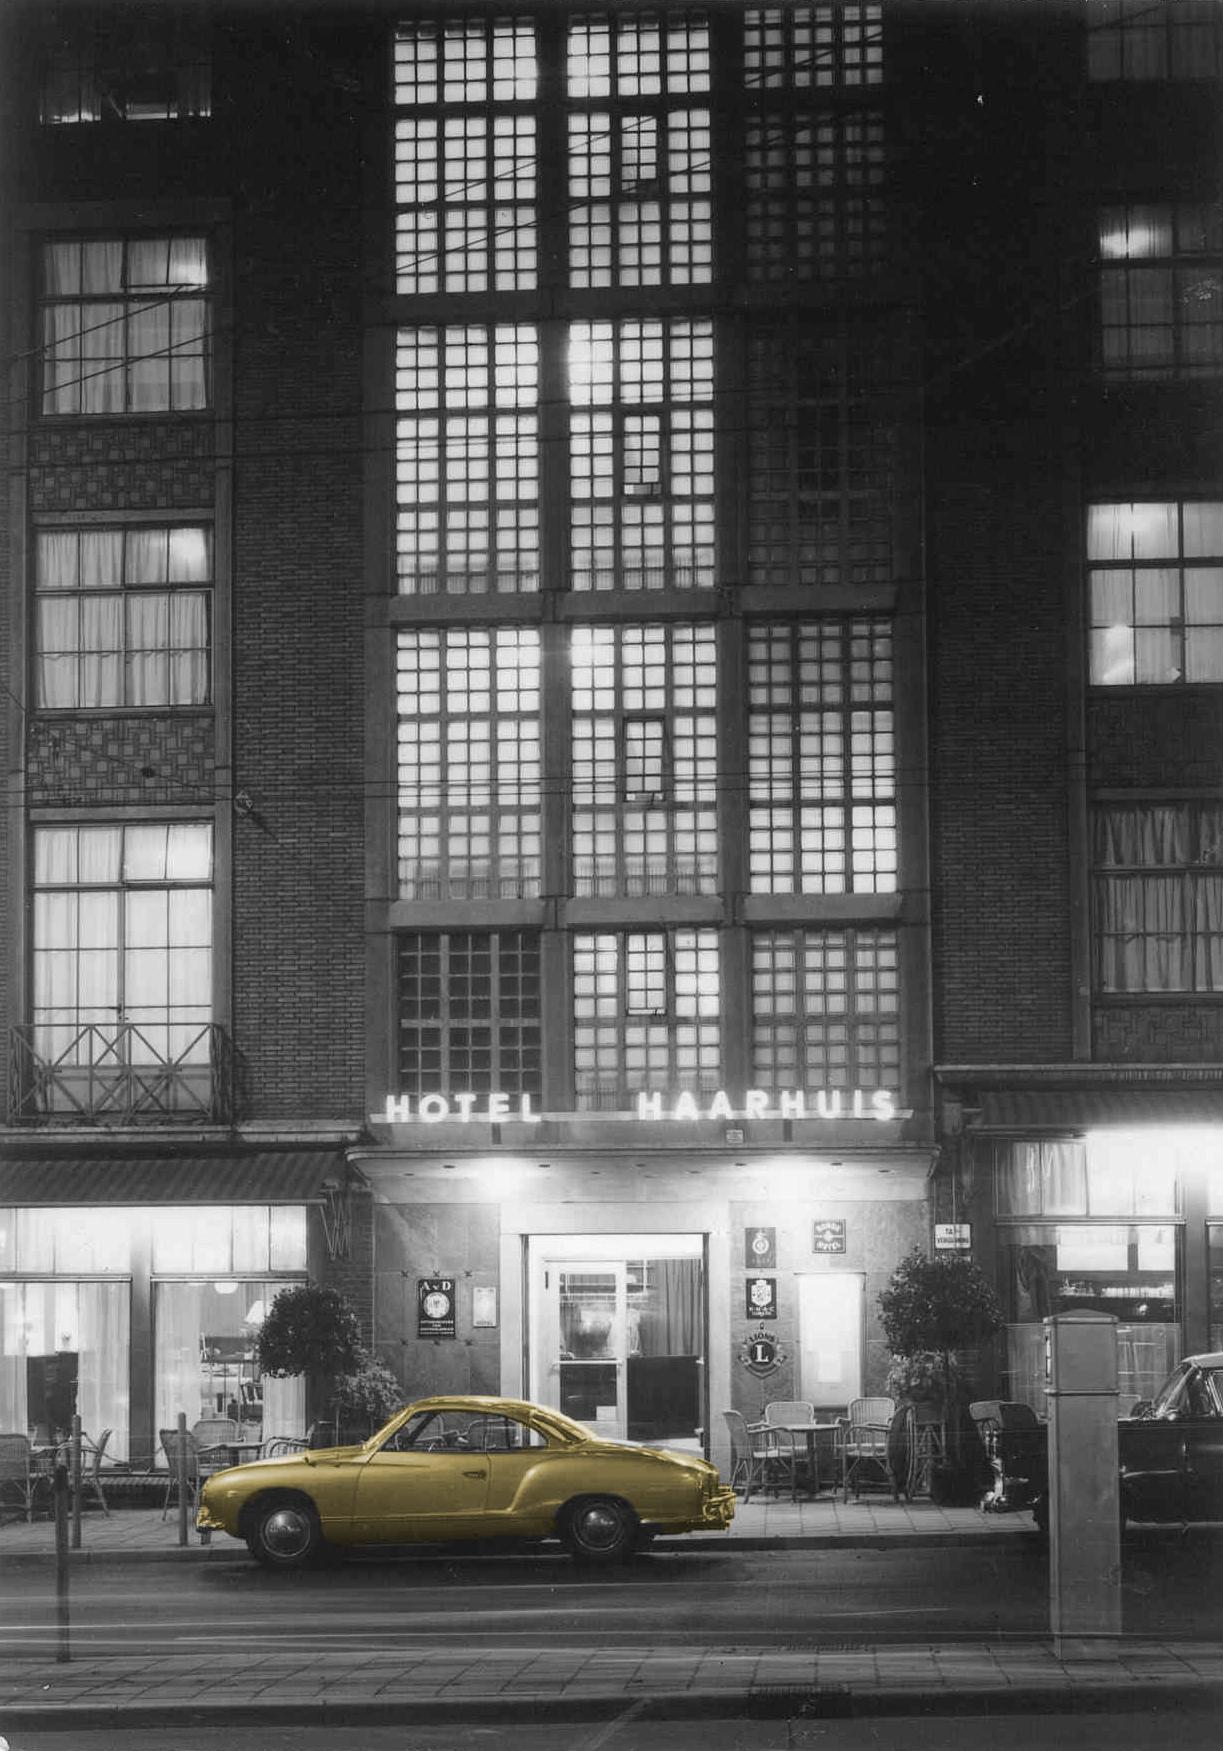 Origin Hotel Haarhuis.jpg